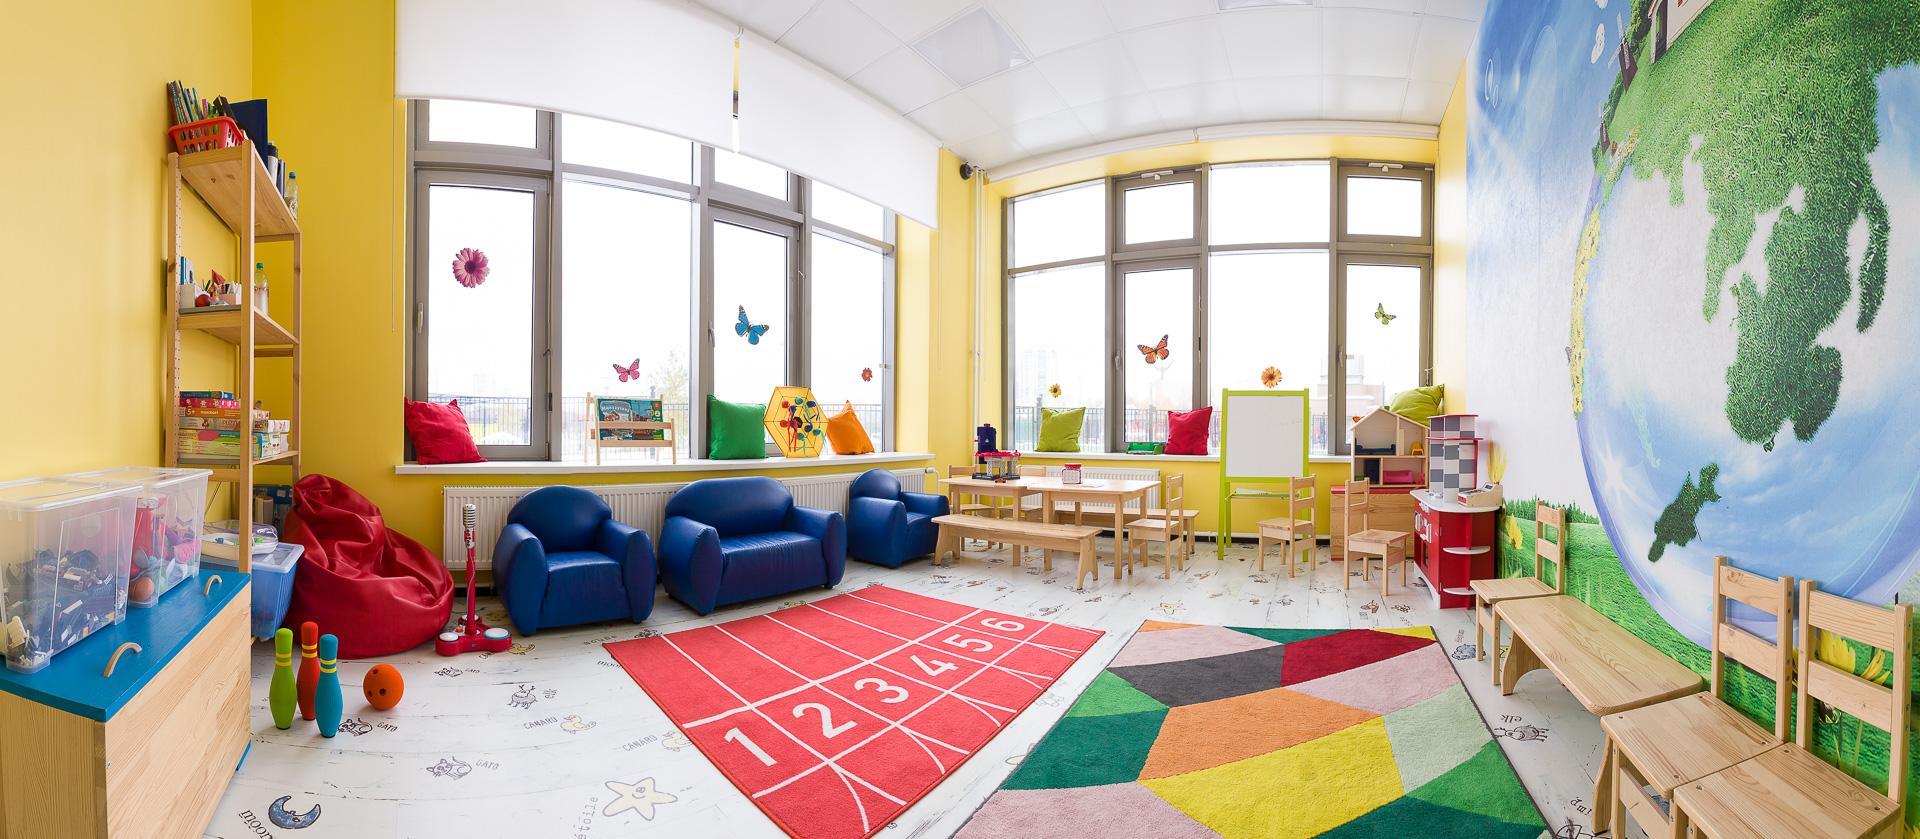 Уборка помещений в детском саду